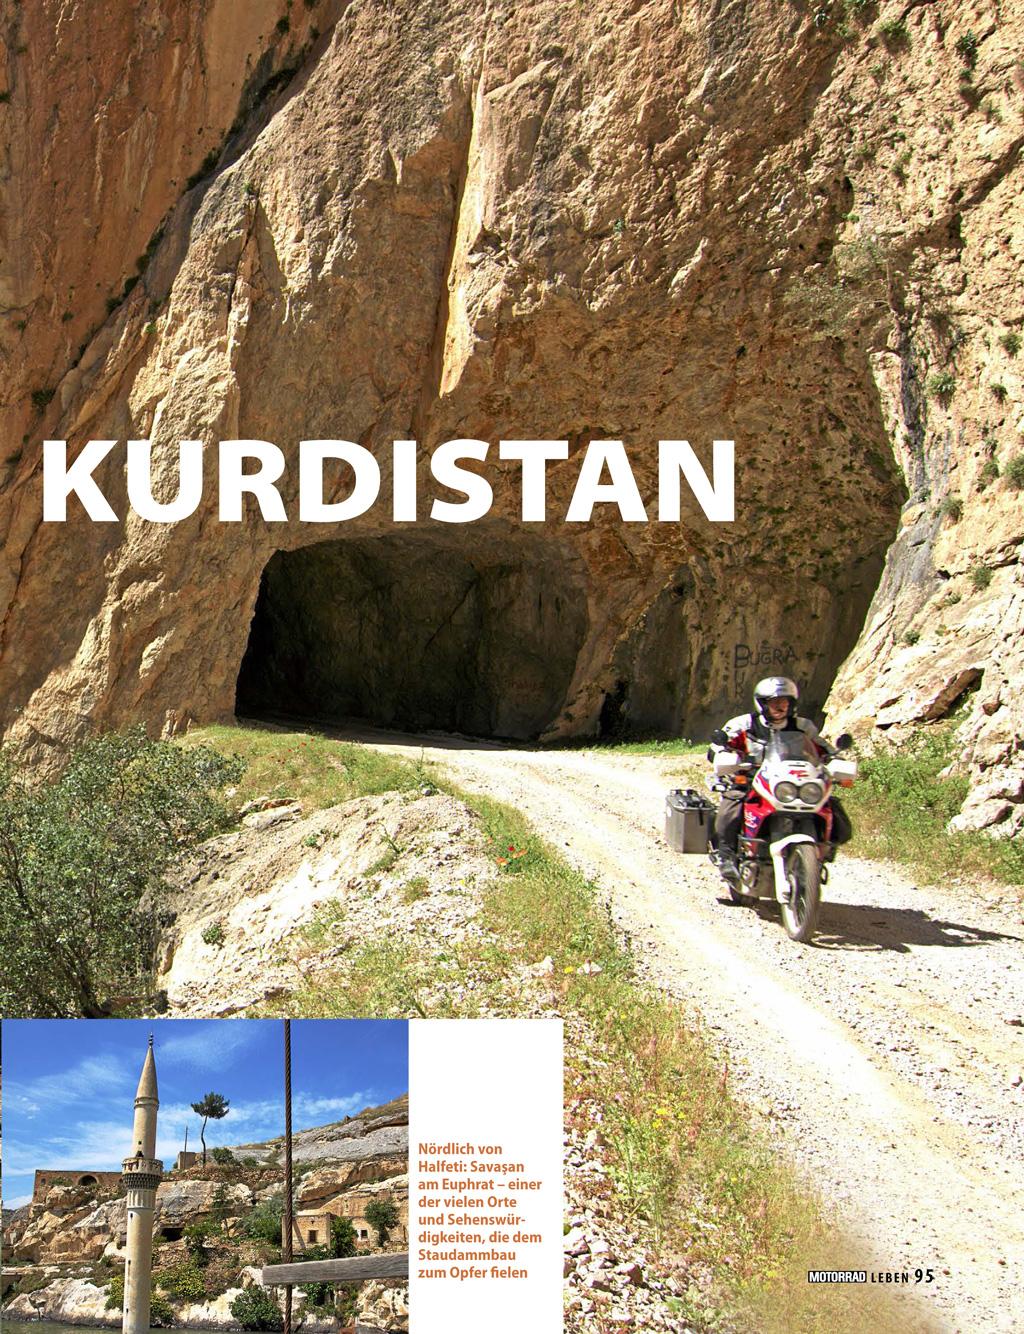 Durchs-Wilde-Kurdistan_2013_02.jpg